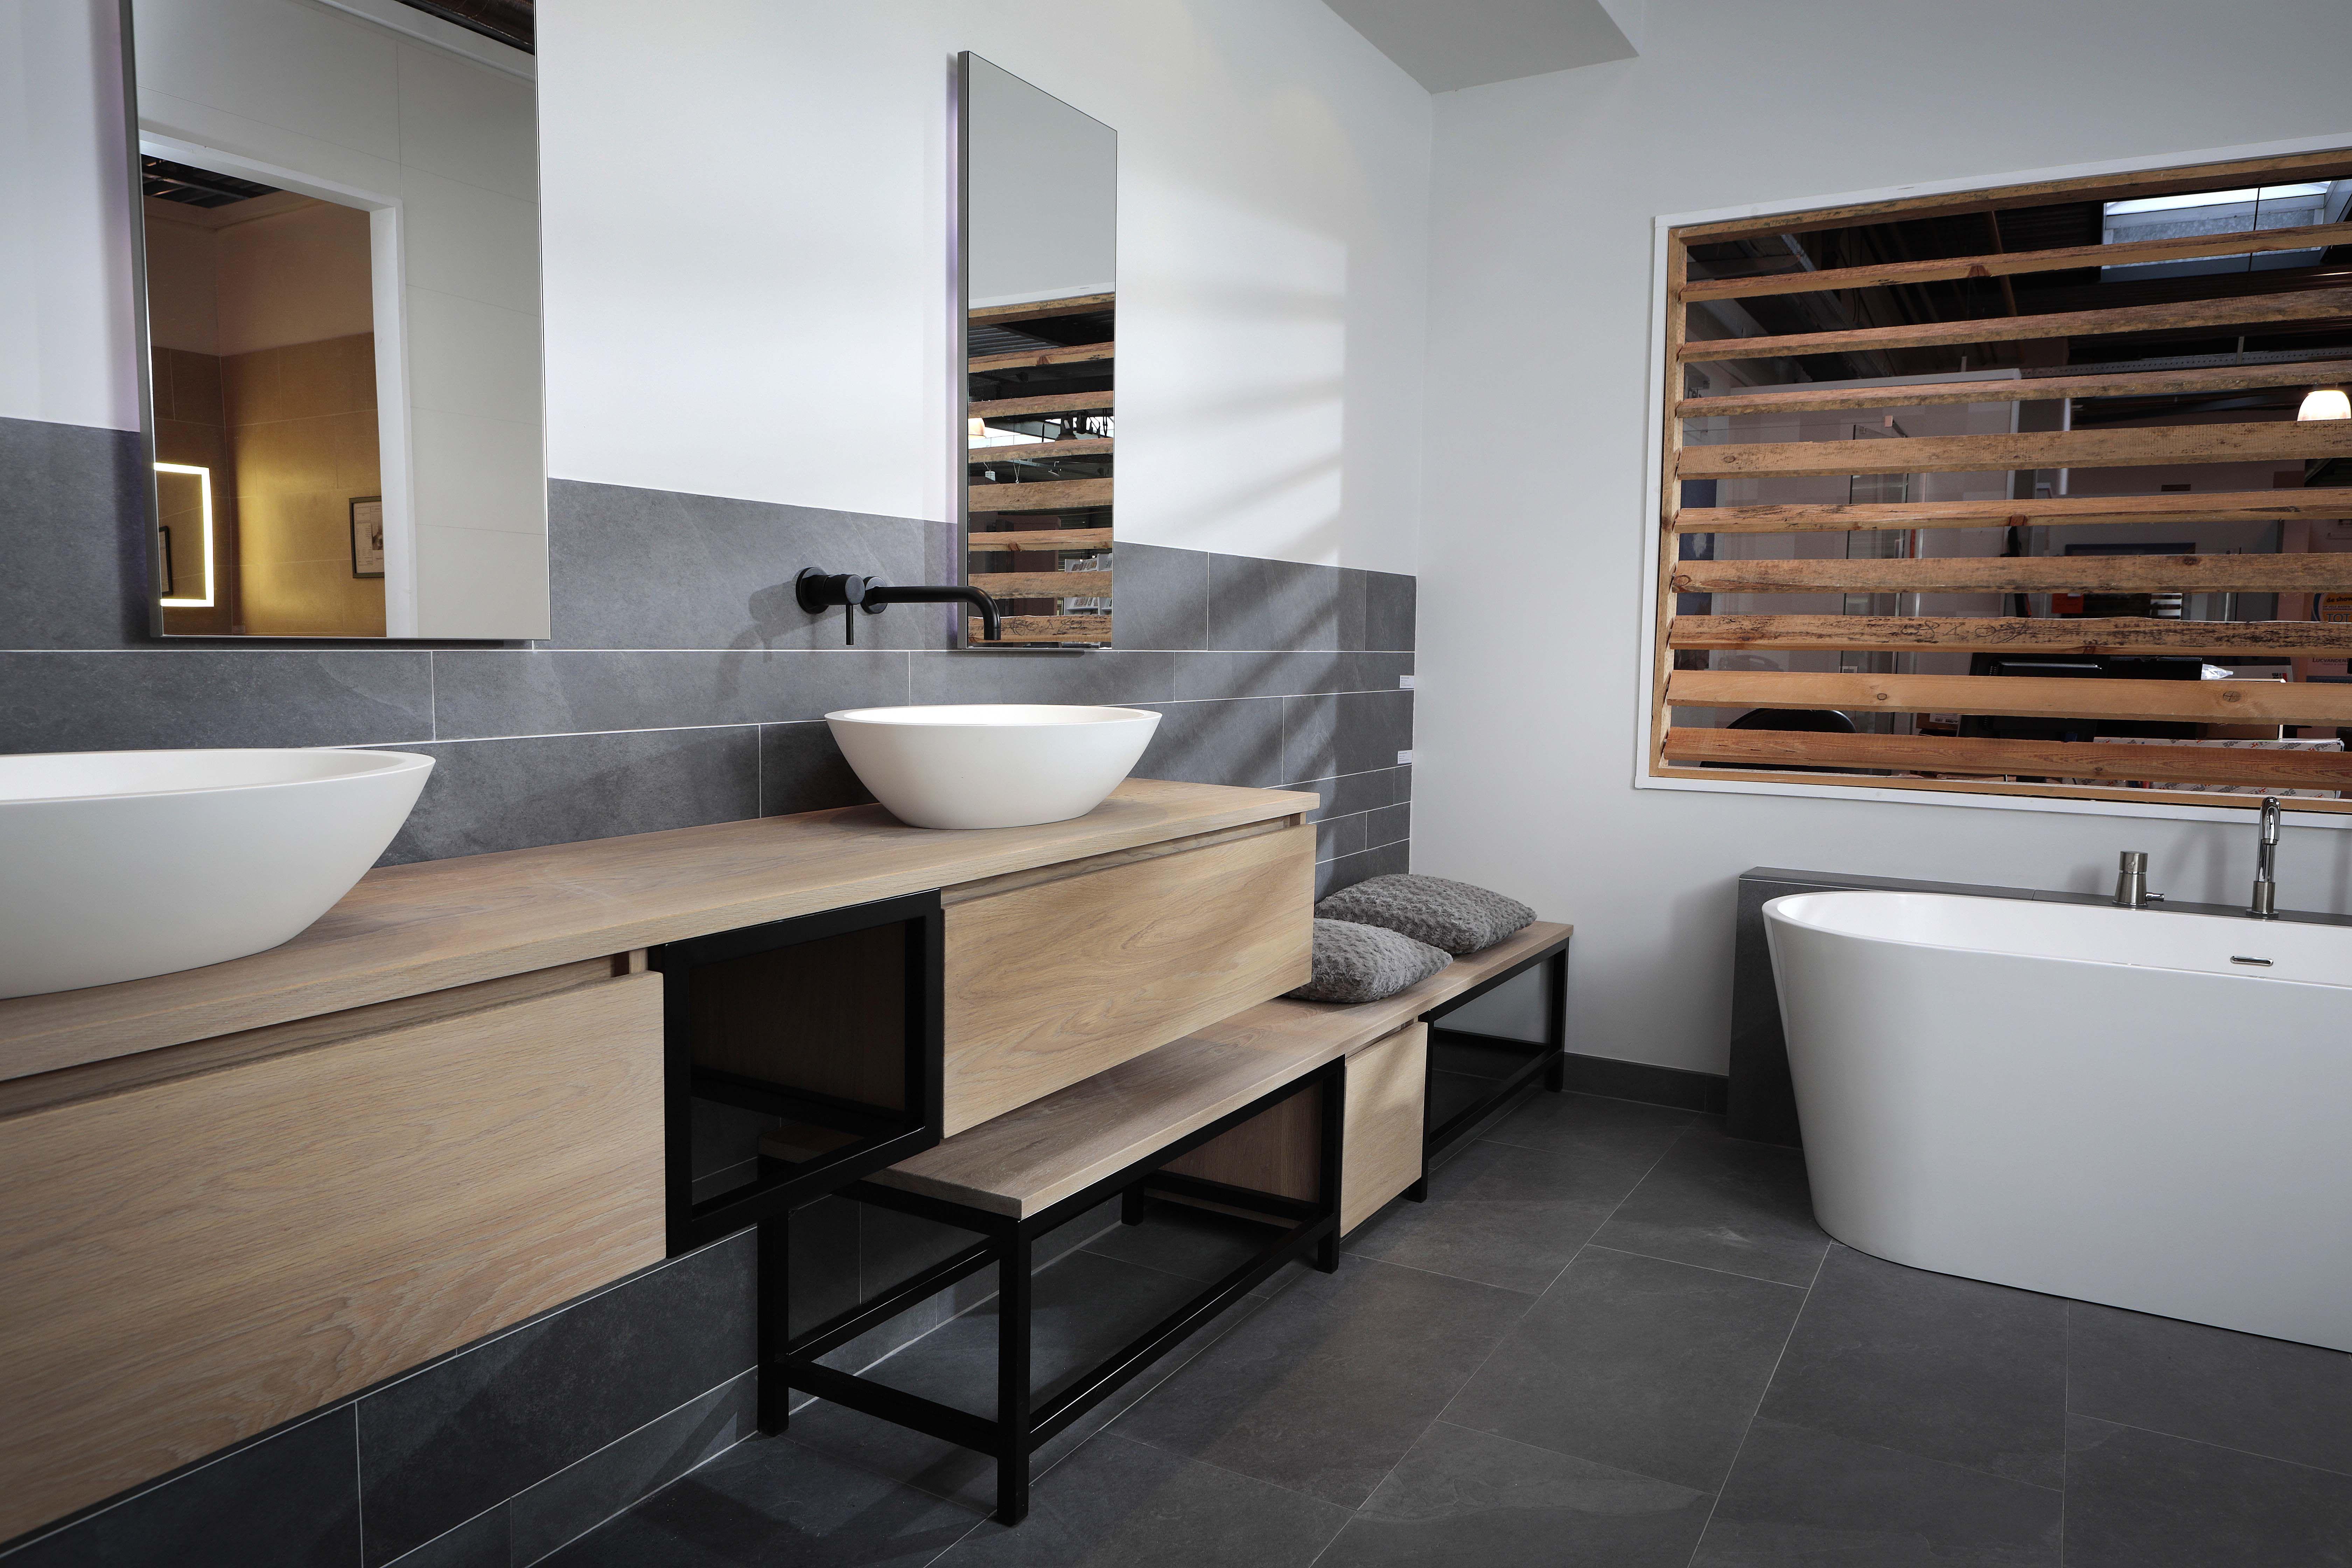 de lavanto chianti i c m een zwart marmerenwastafel badkamer